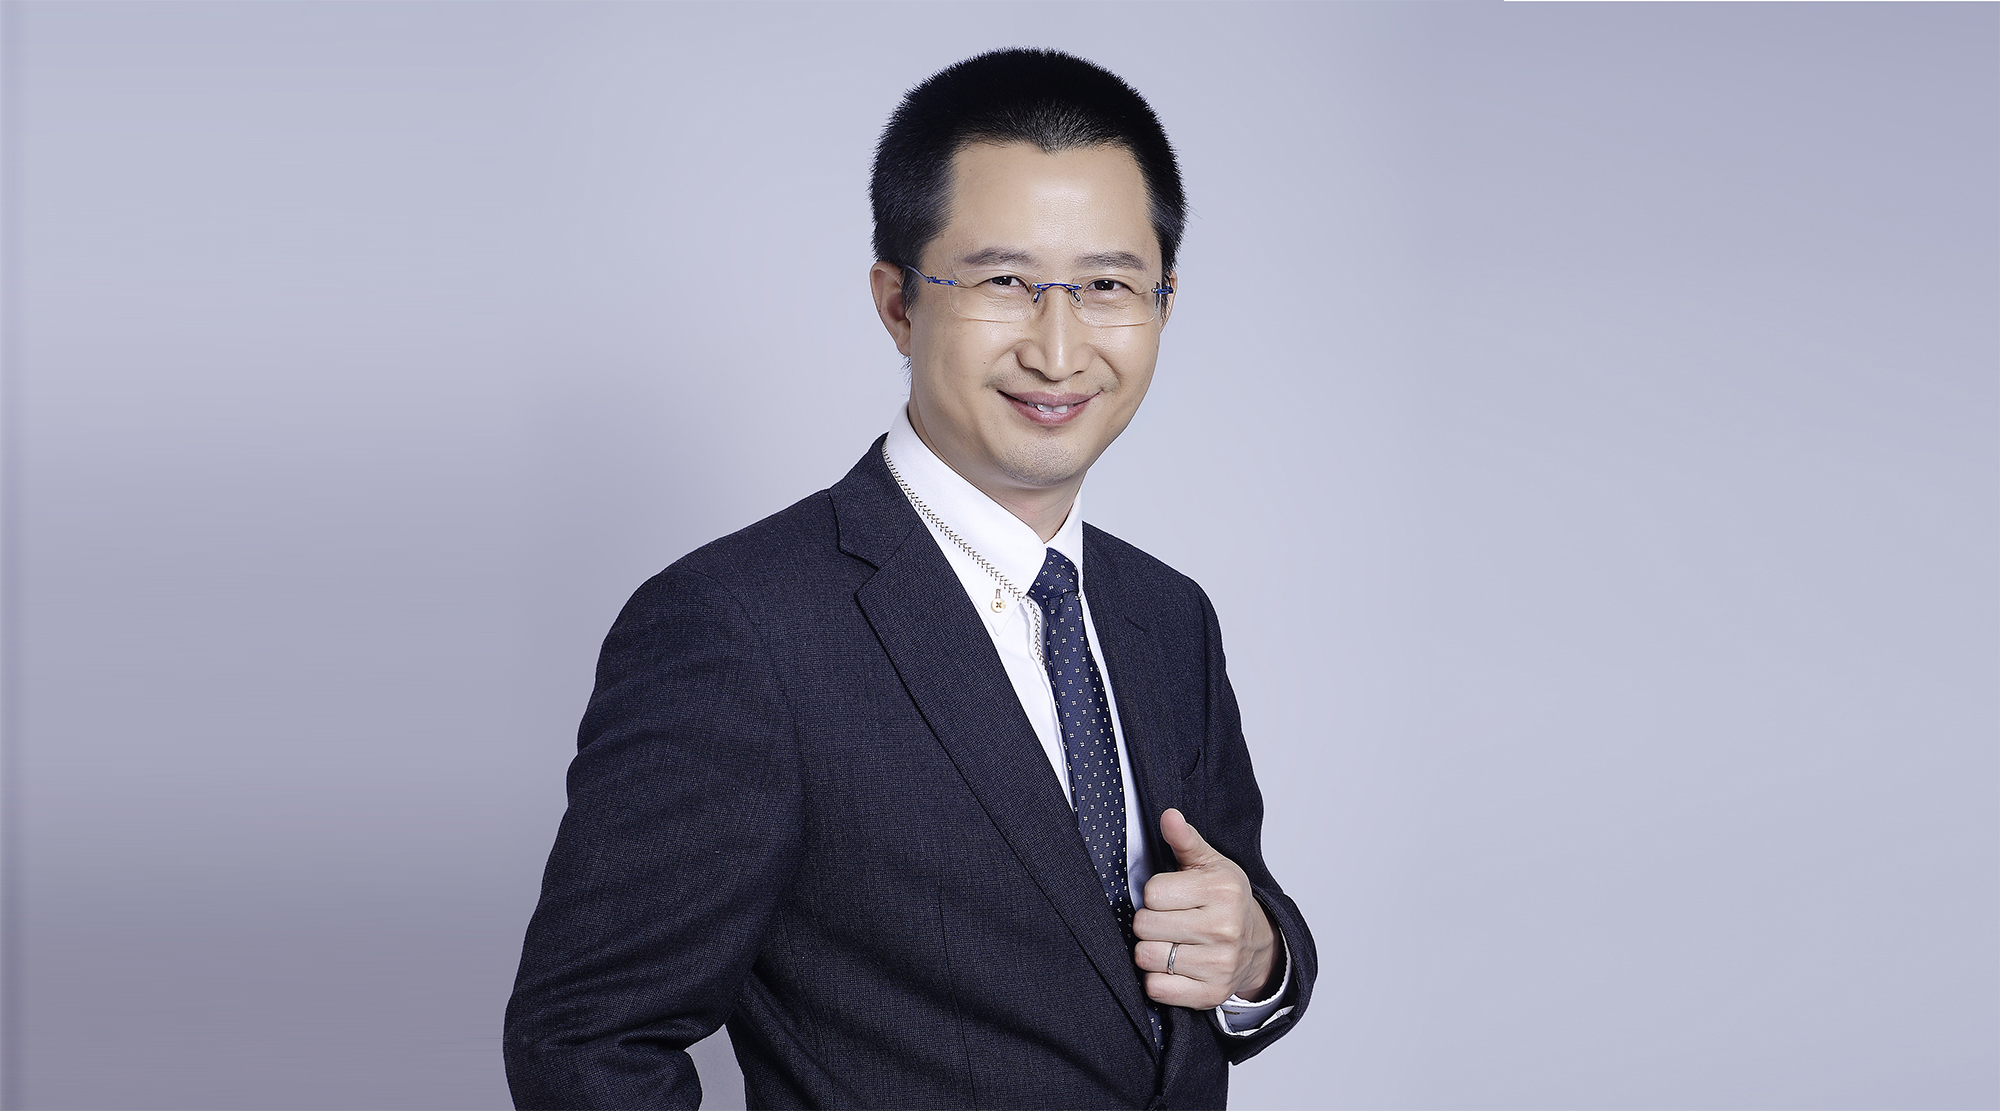 金融老兵郭龙欣的三次创业新生